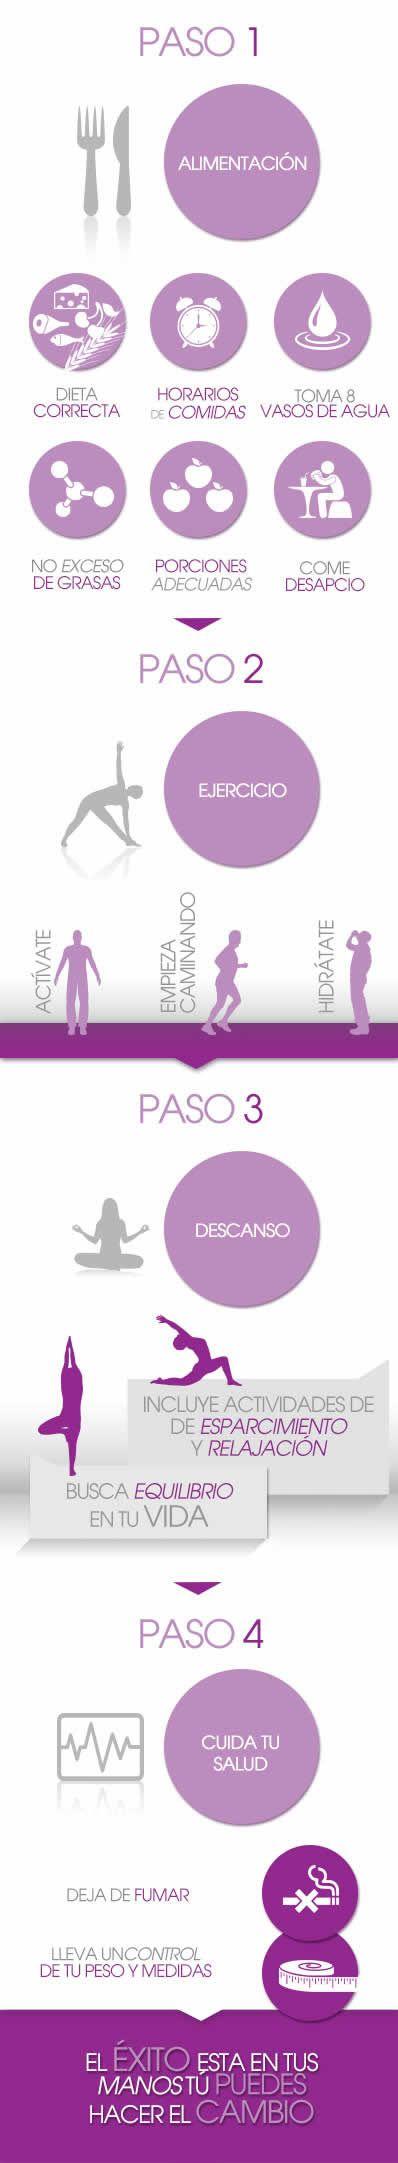 Pasos para un estilo de vida balanceado y saludable